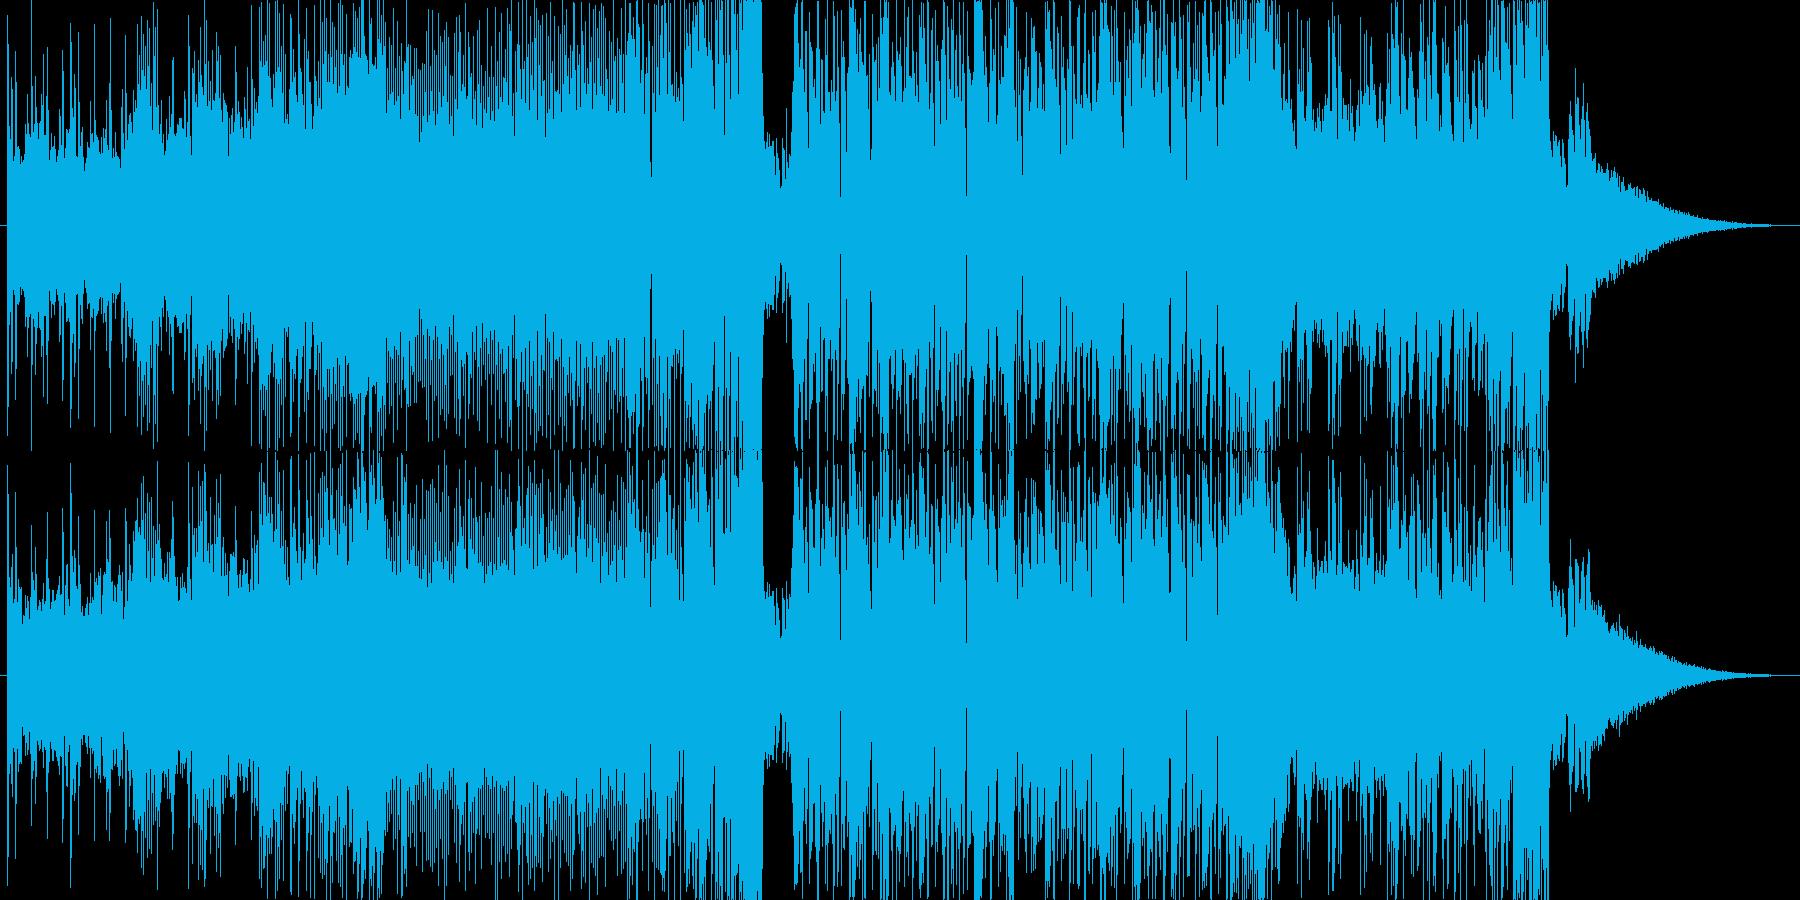 イケイケのベースハウス EDMの再生済みの波形